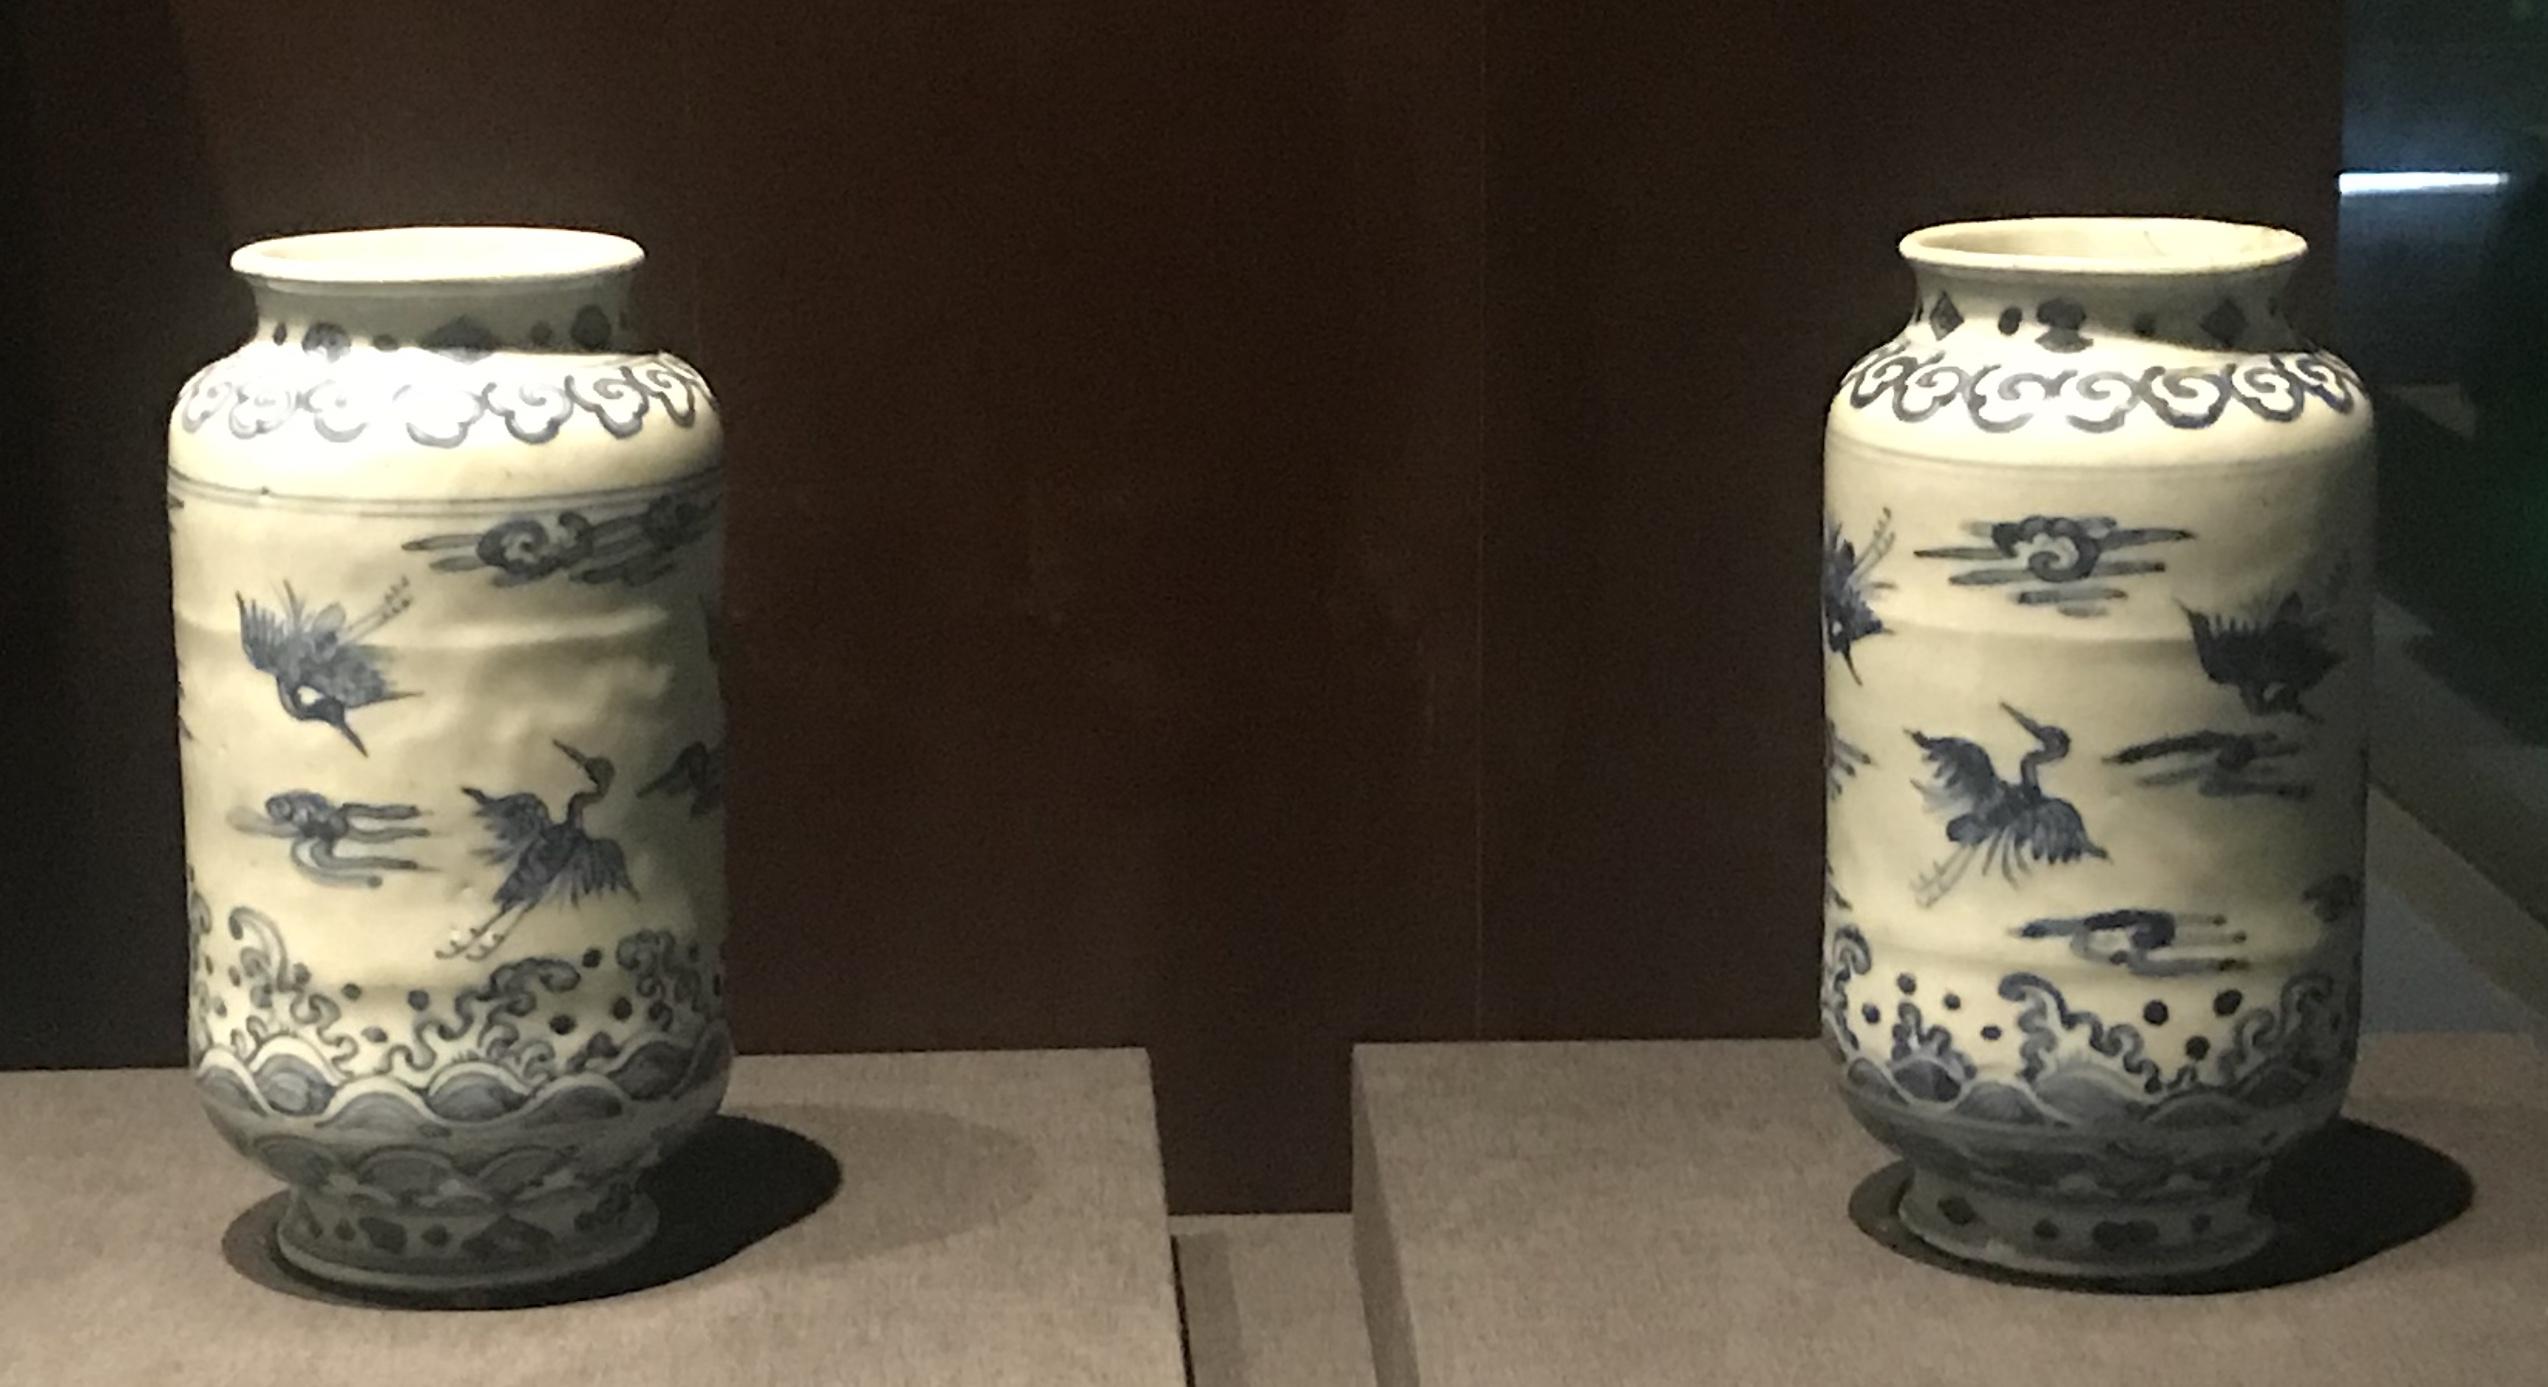 青花海水鶴紋磁瓶-明清時代-常設展F3-成都博物館